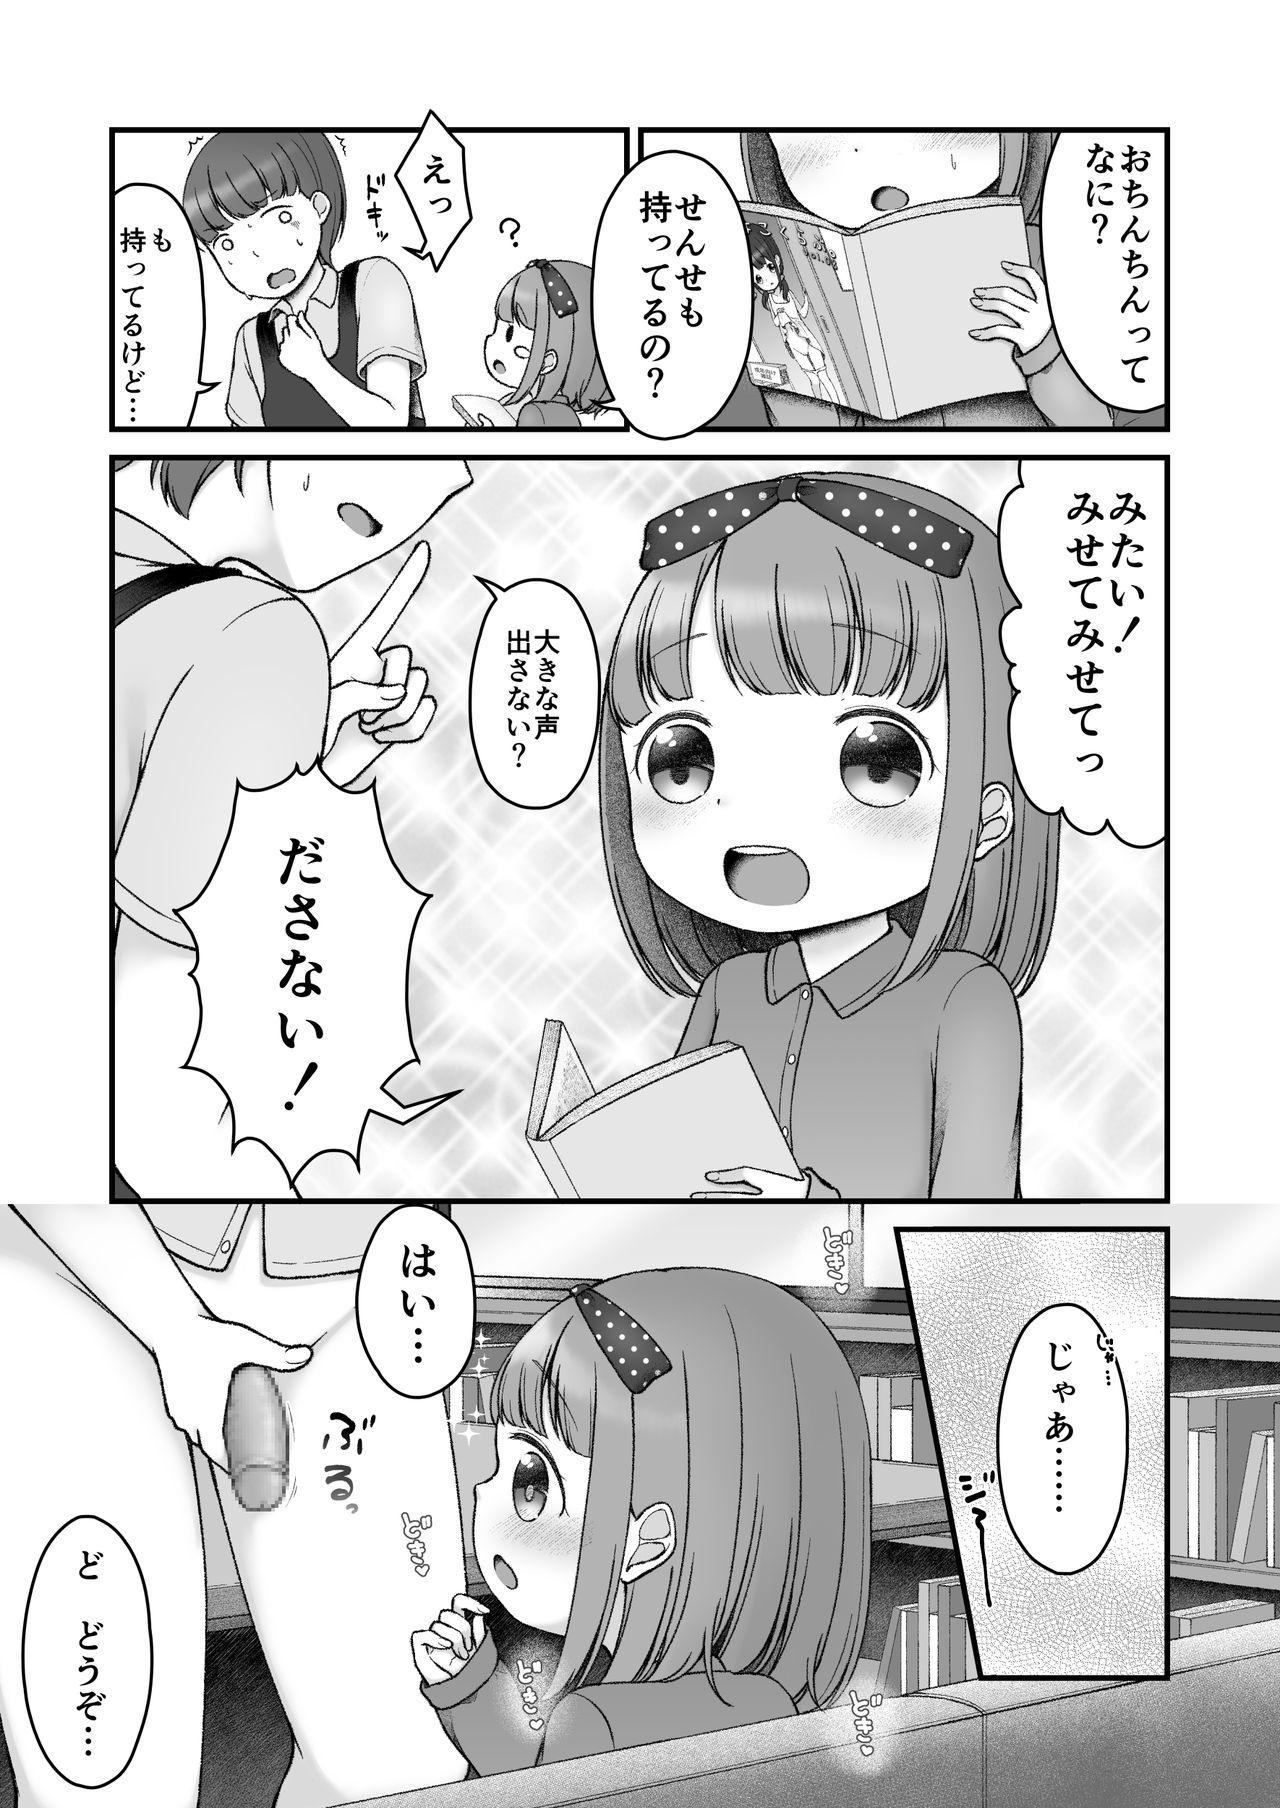 Ehon no Kuni no Arisu 7